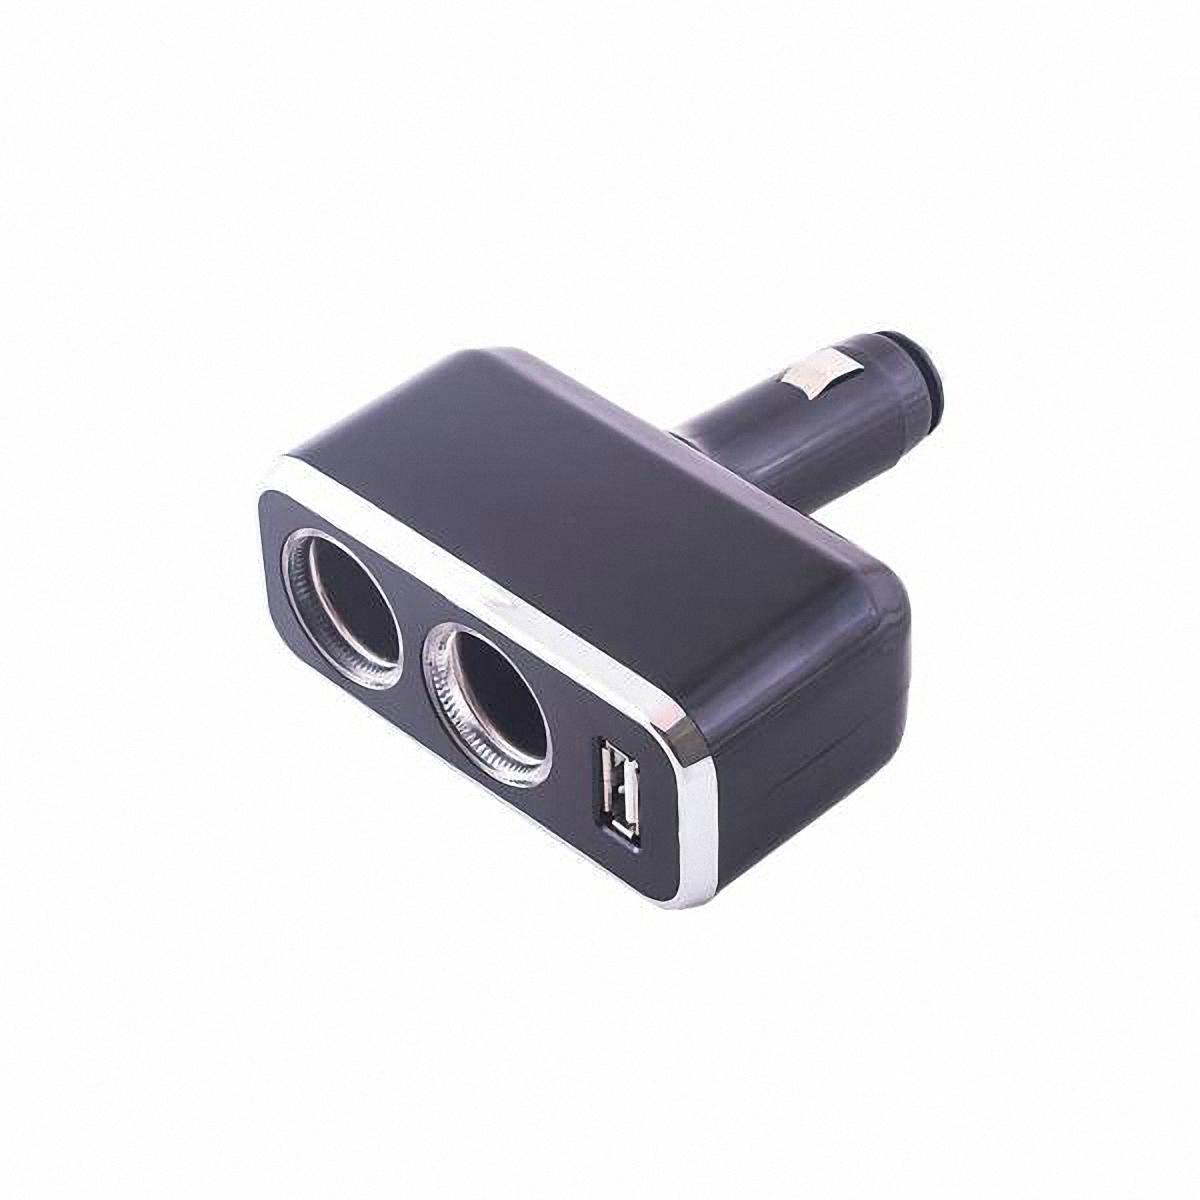 Skyway Разветвитель прикуривателя 2 гнезда + USB. S0230102193728793Количество гнёзд: 2Количество USB-портов: 1 Устройство вращается на 180°, вверх и вниз.Устройство используется при мощности 7А.Общая мощность 80 Ватт Предохранитель 5 А. Потребляемая мощность 12 - 24 В